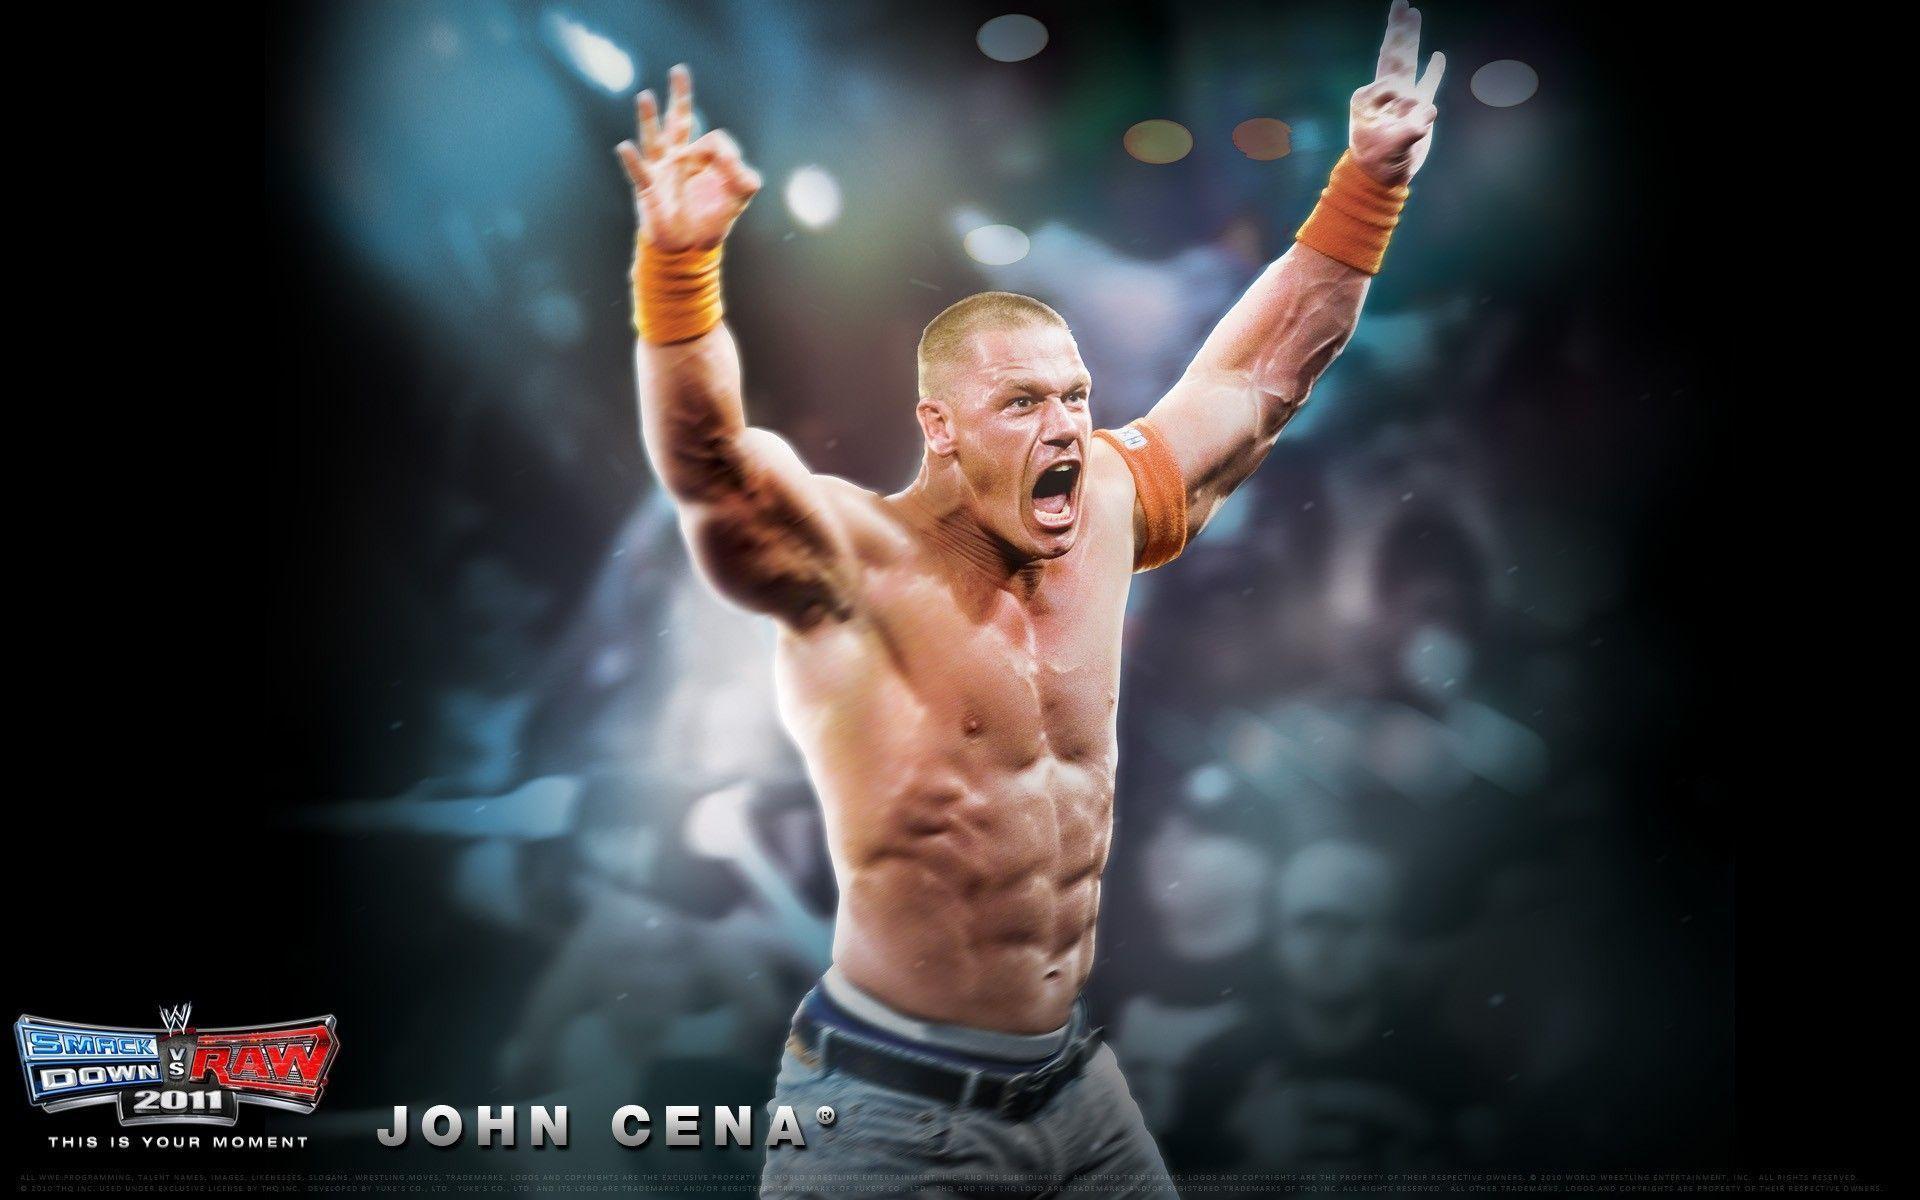 John Cena Wallpaper | HD Wallpapers, backgrounds high resolution ...